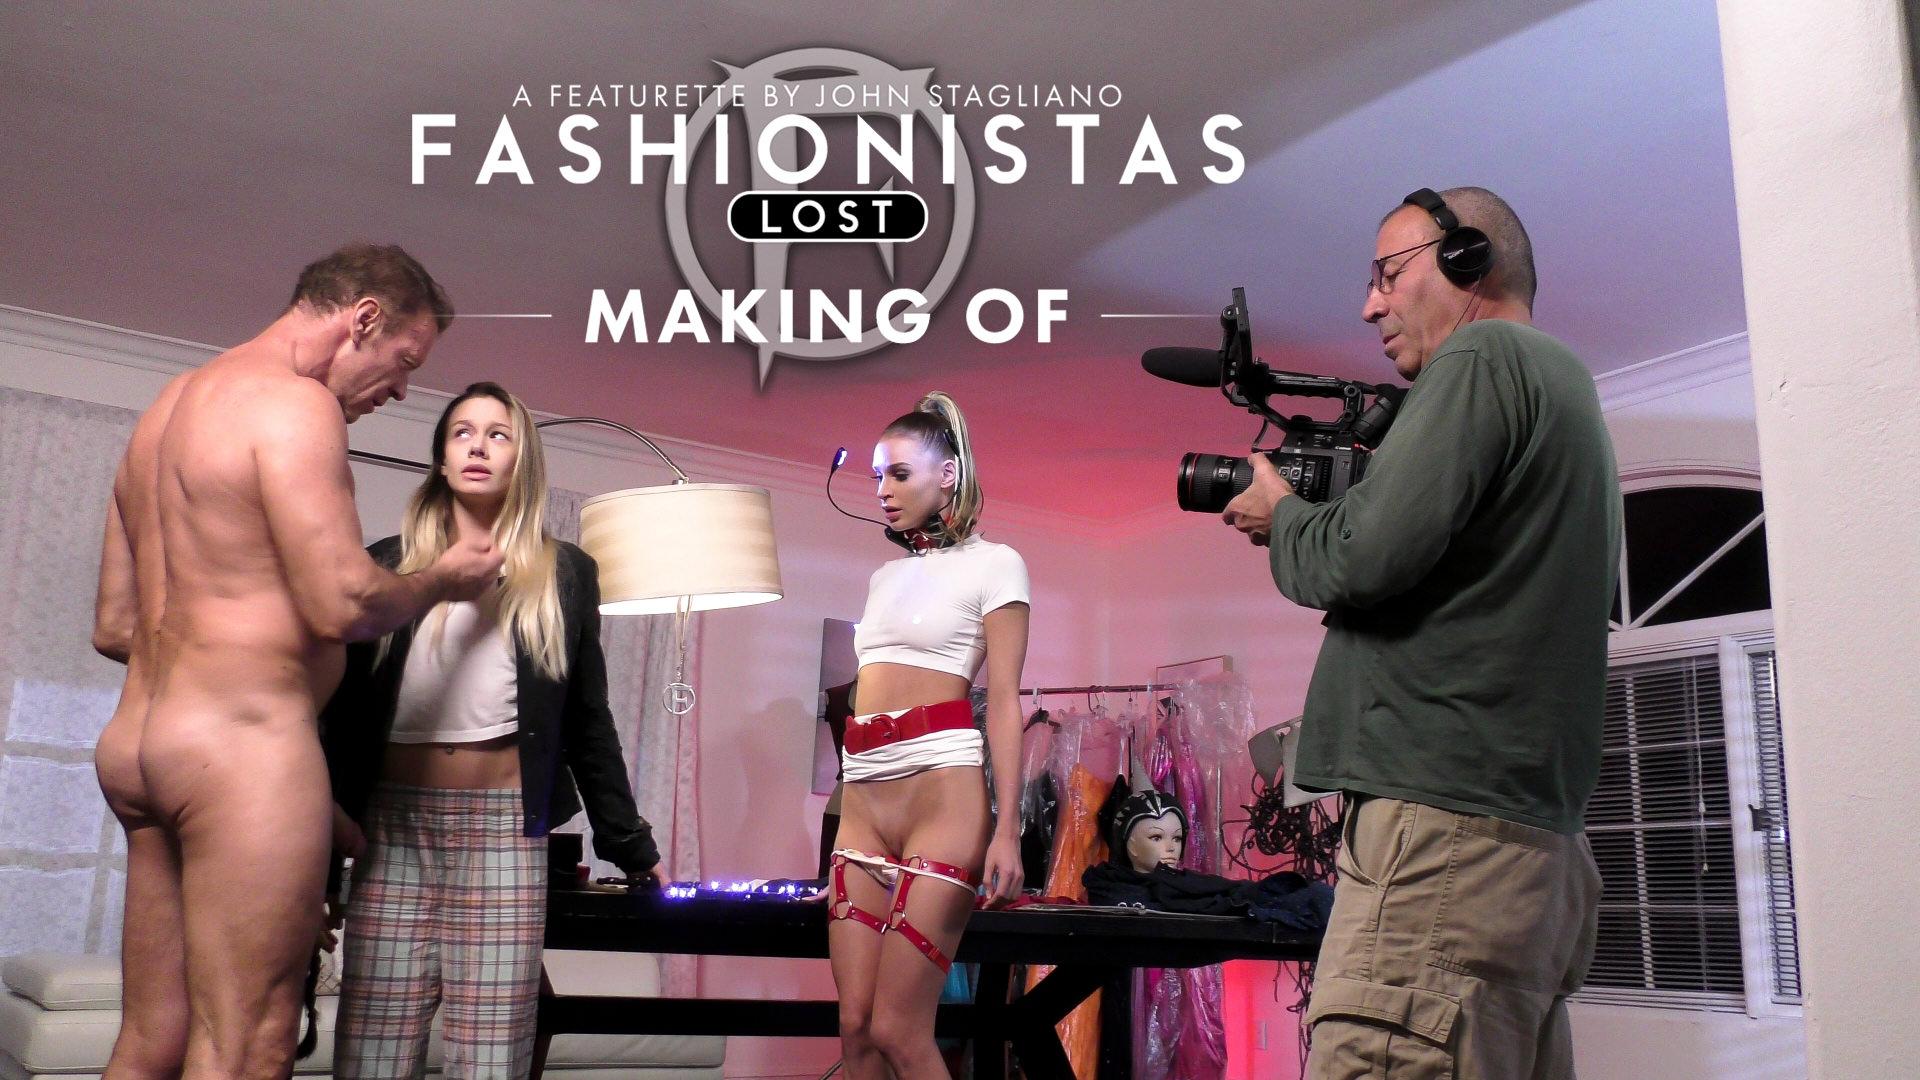 BTS-Fashionistas - Lost - Rocco Siffredi & Aiden Starr & John Stagliano & Emma Hix & Naomi Swann & Adira Allure & Evil Ricky & Aiden Riley 1